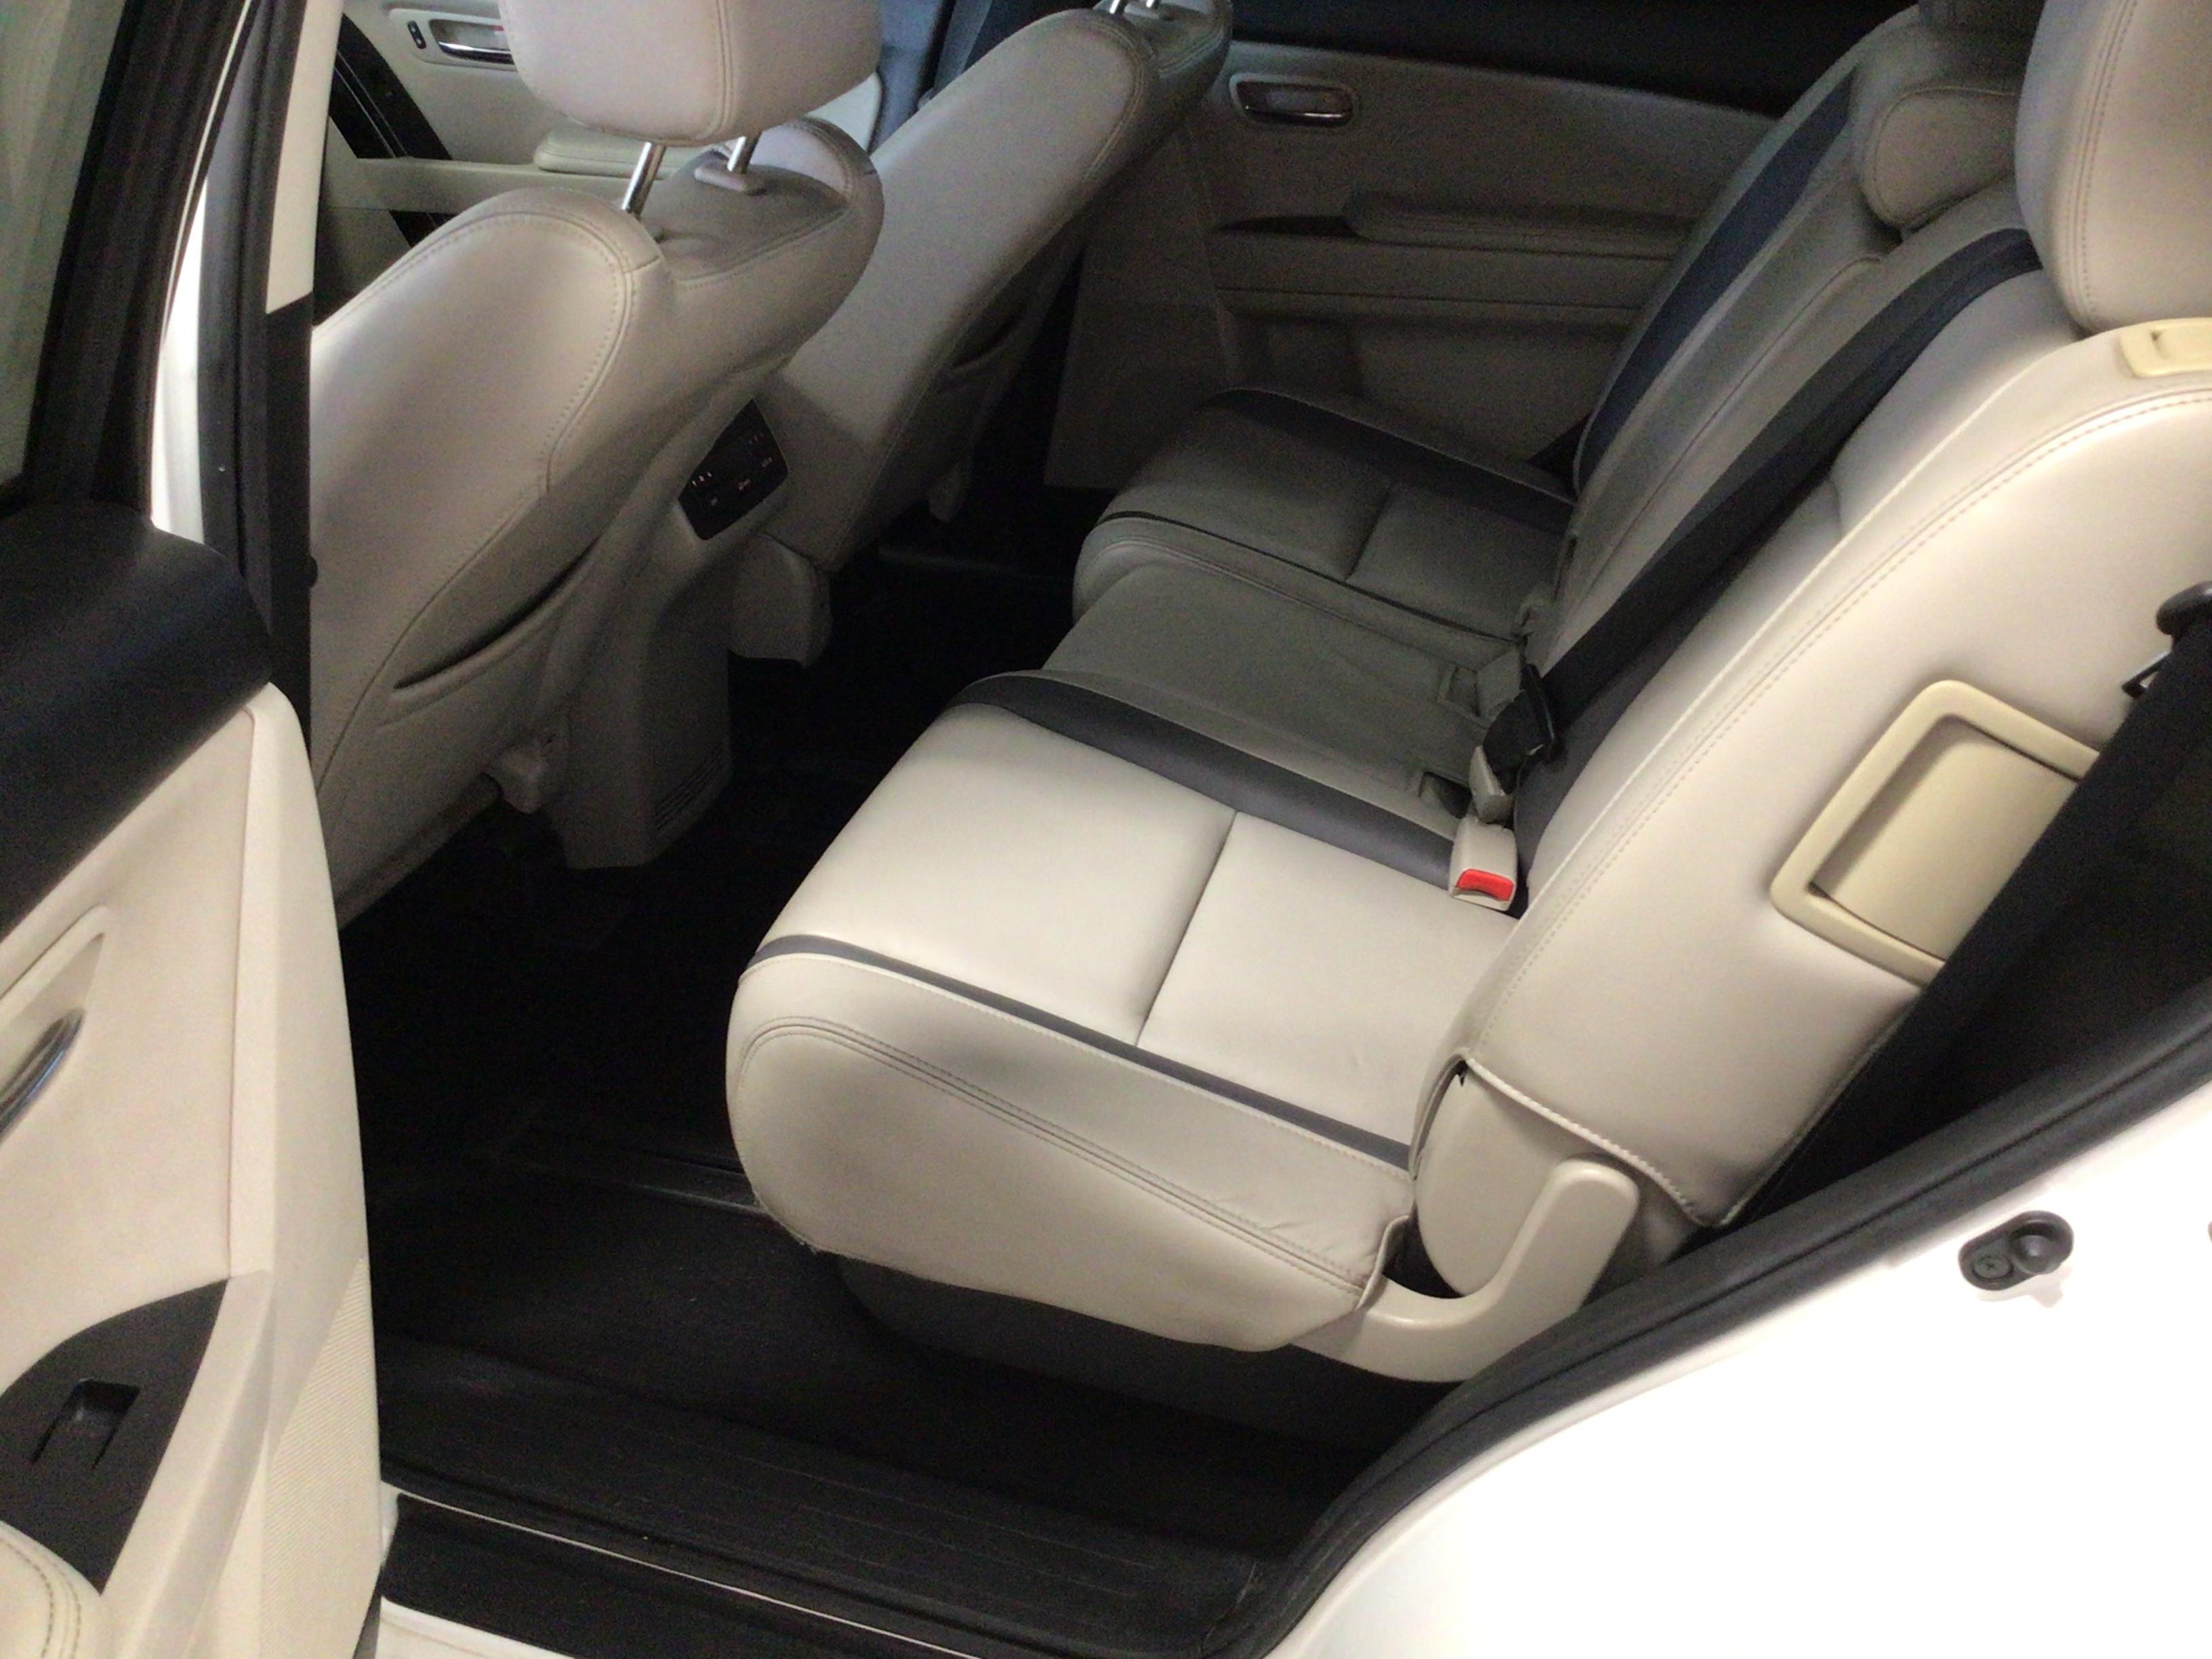 used vehicle - SUV MAZDA CX-9 2012